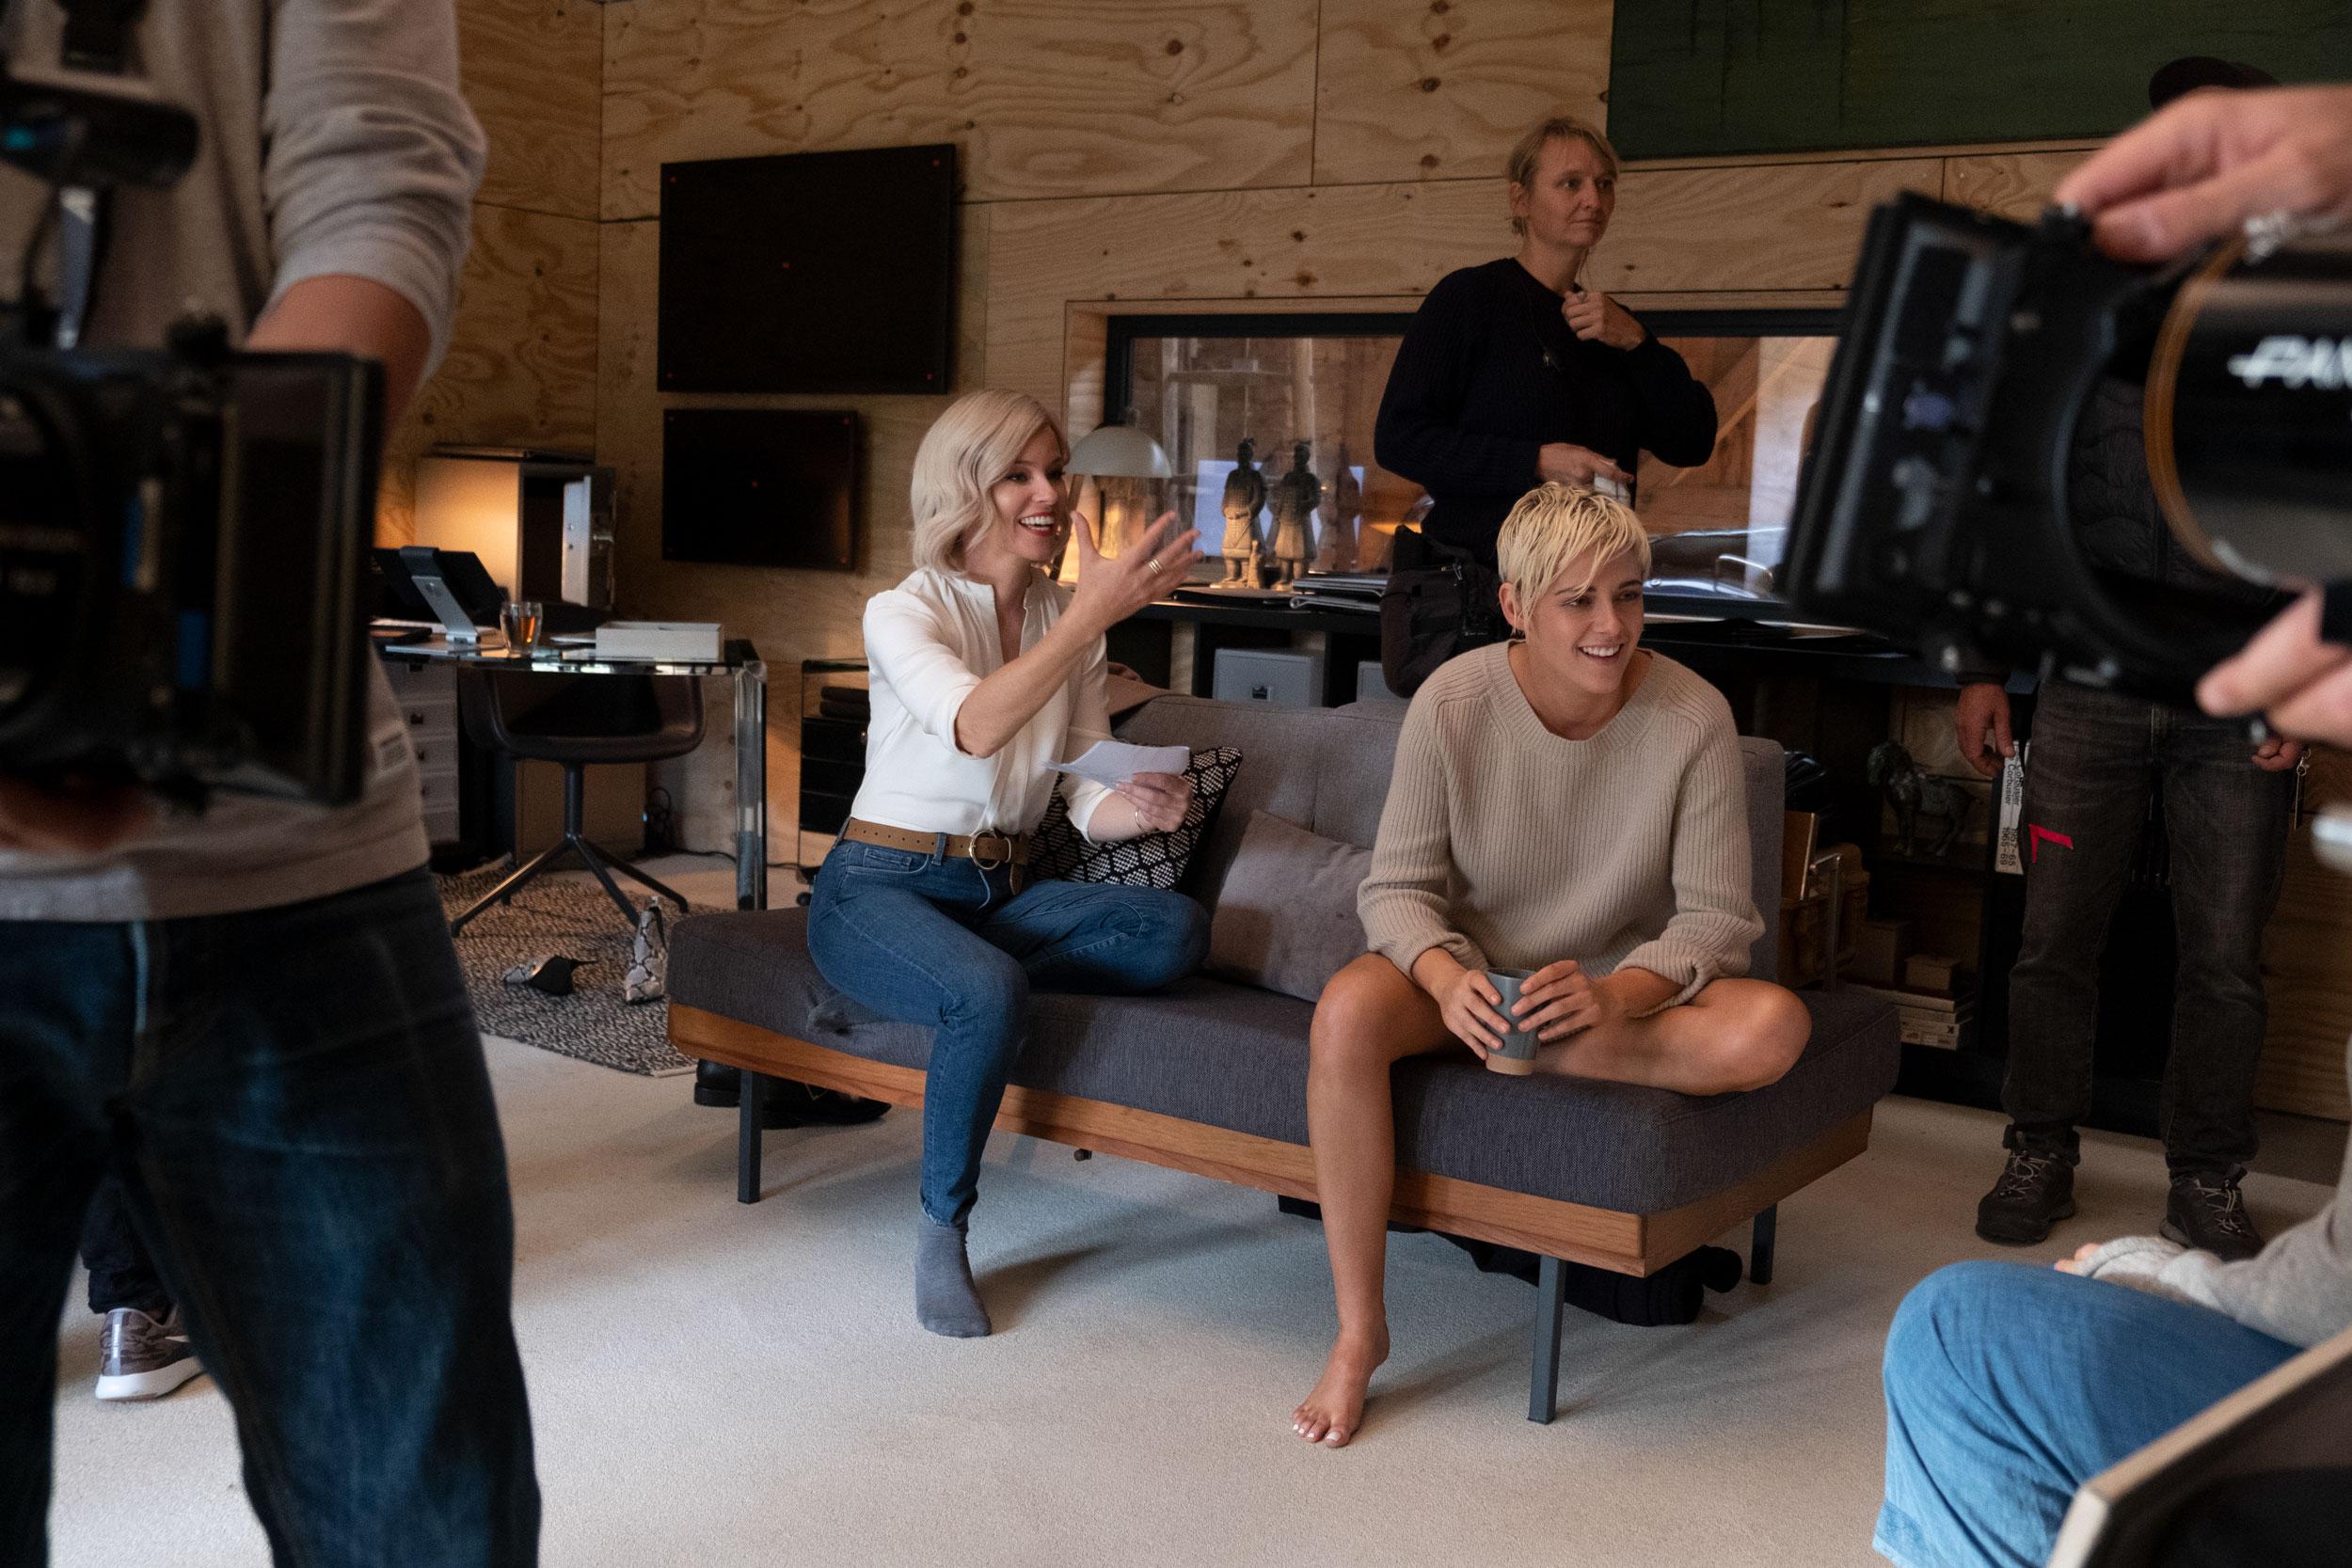 Frauen-Power im Kino: Erster Trailer zum neuen